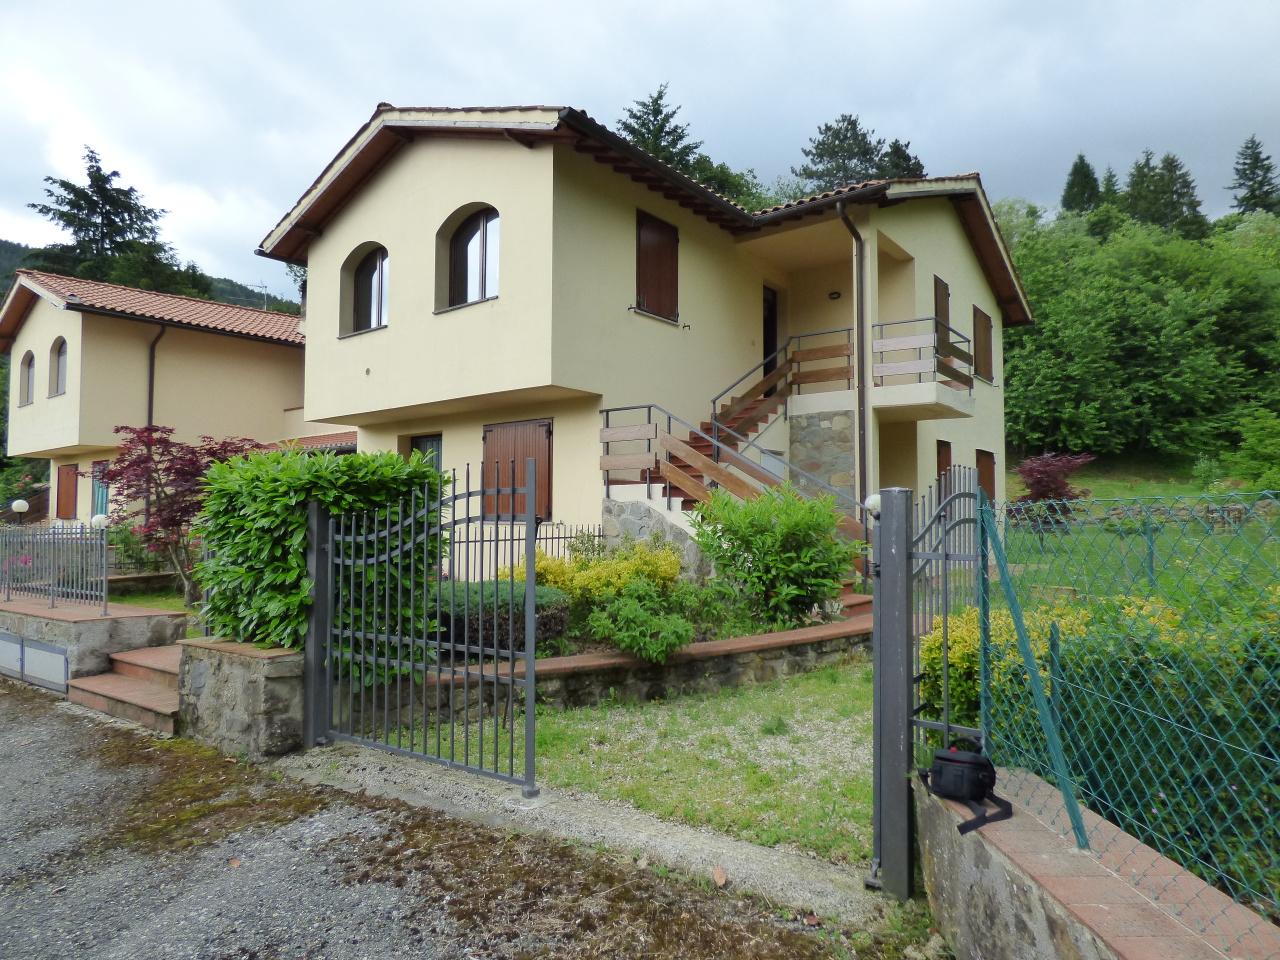 Appartamento in vendita a San Godenzo, 4 locali, prezzo € 135.000 | Cambio Casa.it